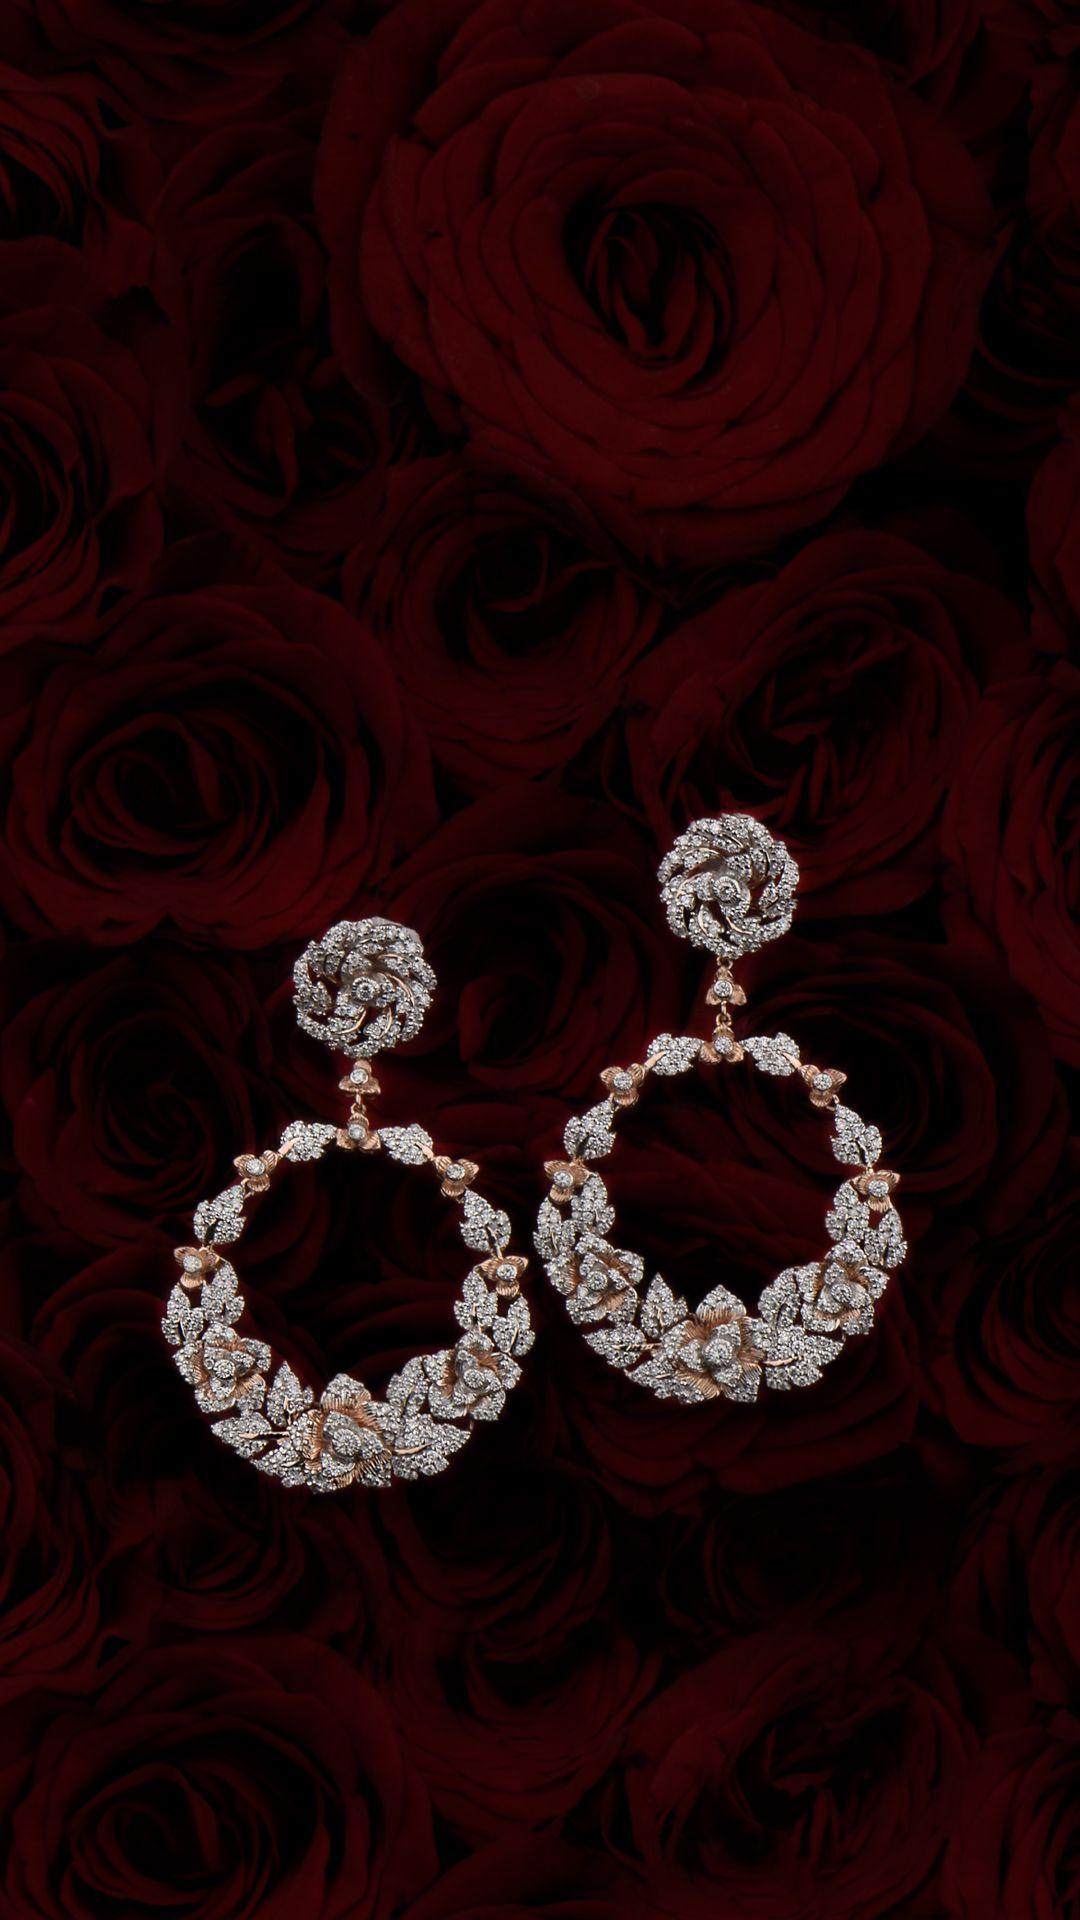 Chandelier Triple Diamond Drop Link Charm Jewelry Findings Lot of 30